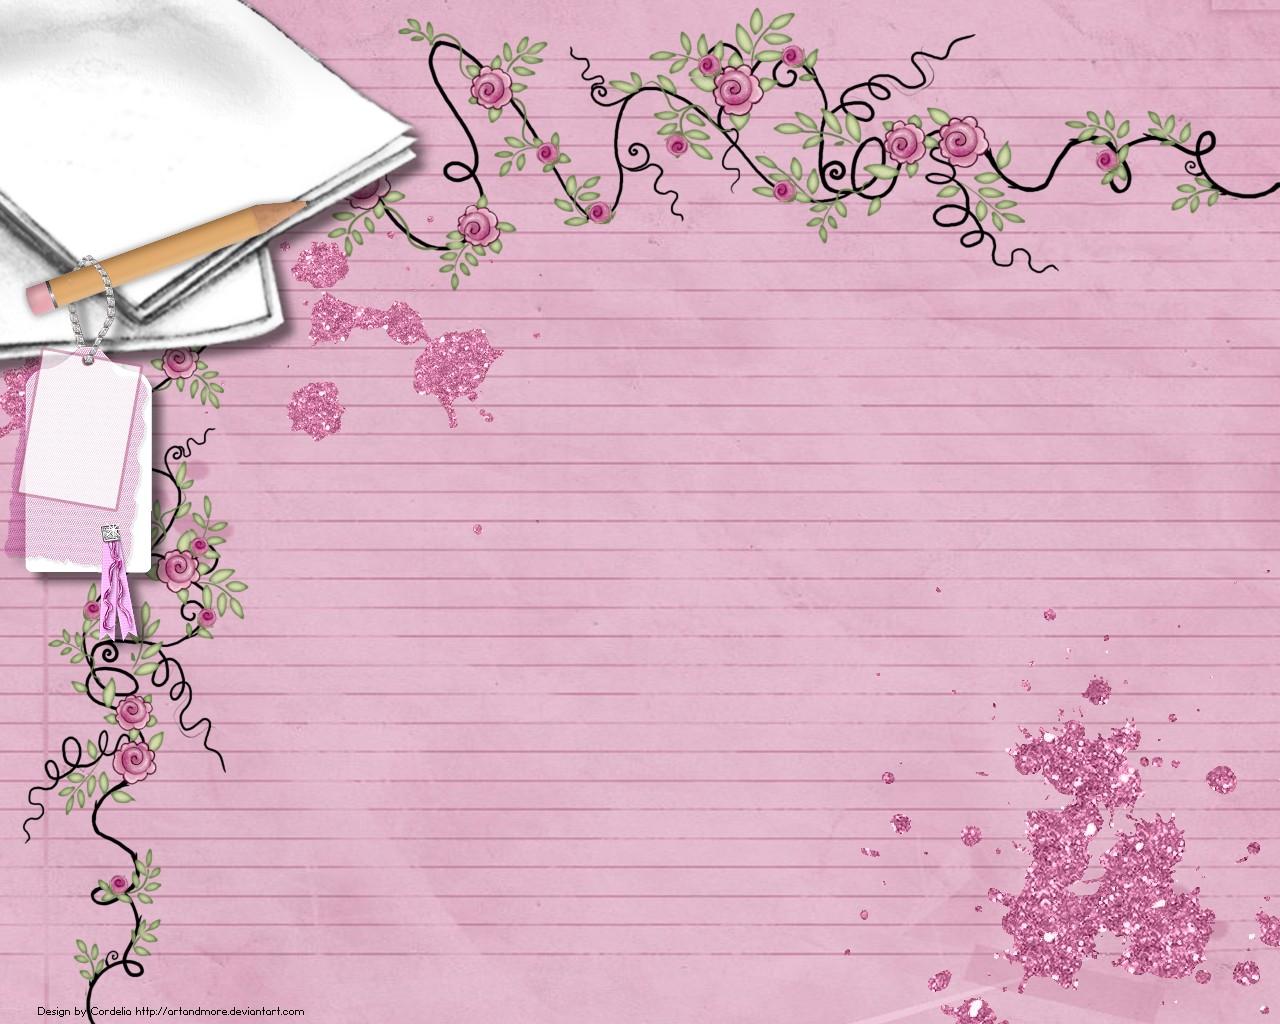 Girl Wallpaper Backgrounds - WallpaperSafari